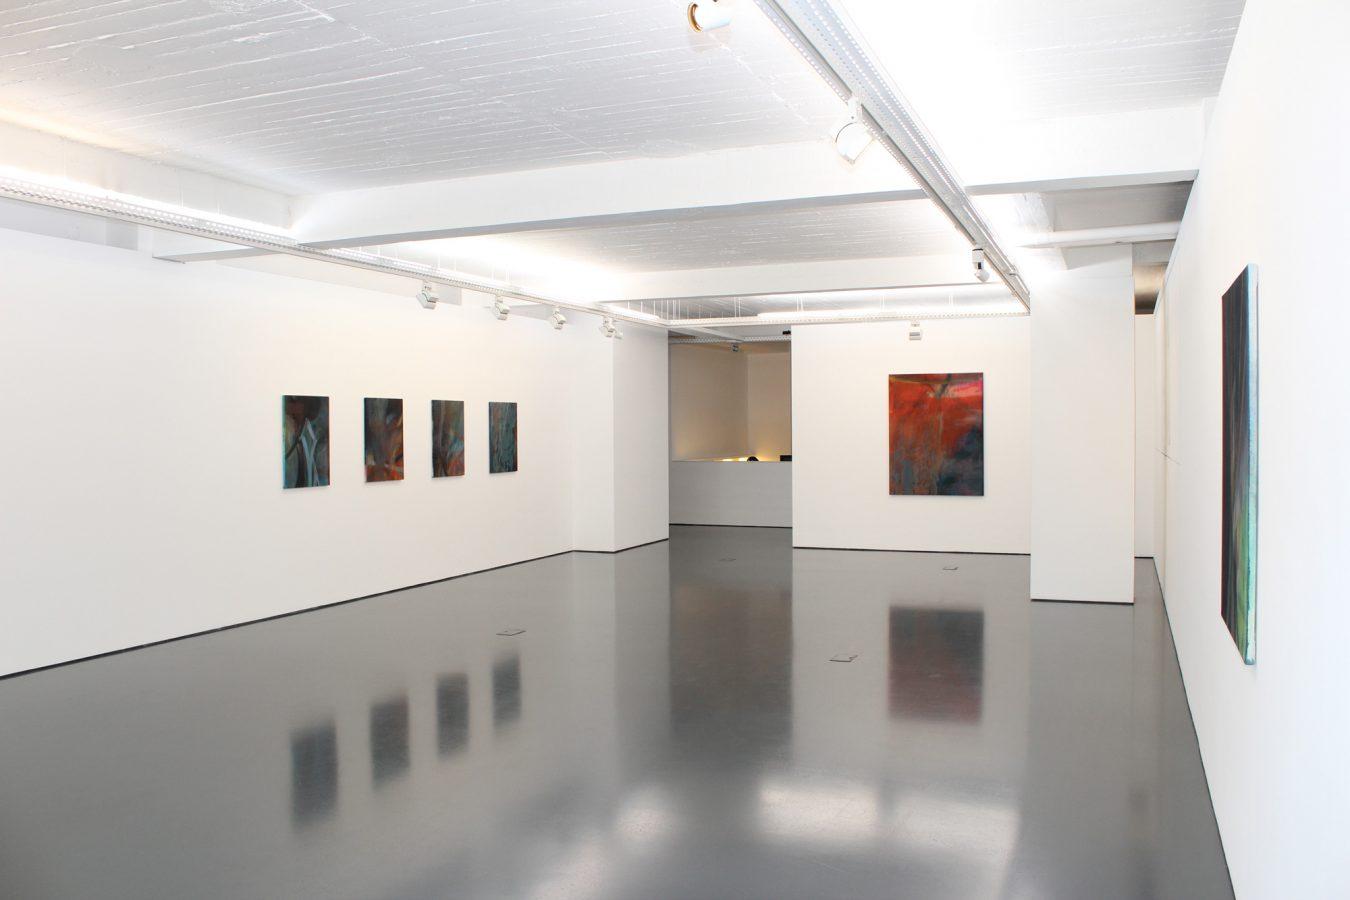 Galeria Pedro Cera – Ana Manso - oásis e o deserto